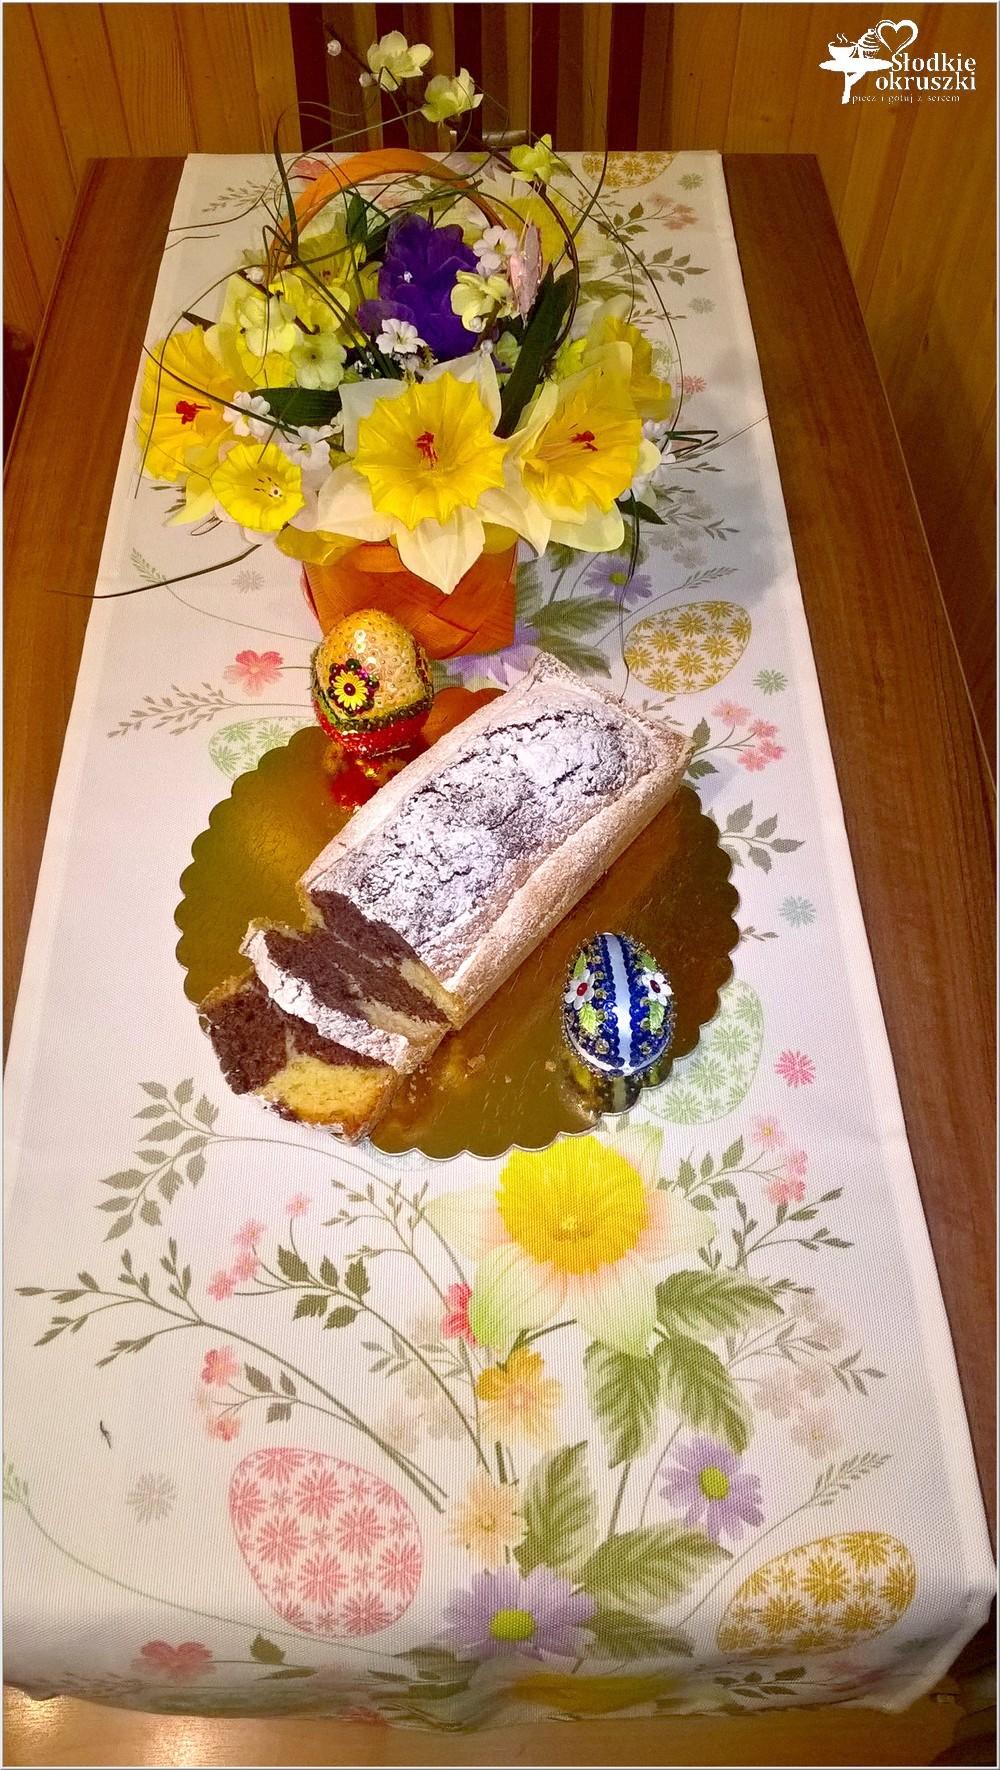 Babka waniliowo-kakaowa na świąteczny stół